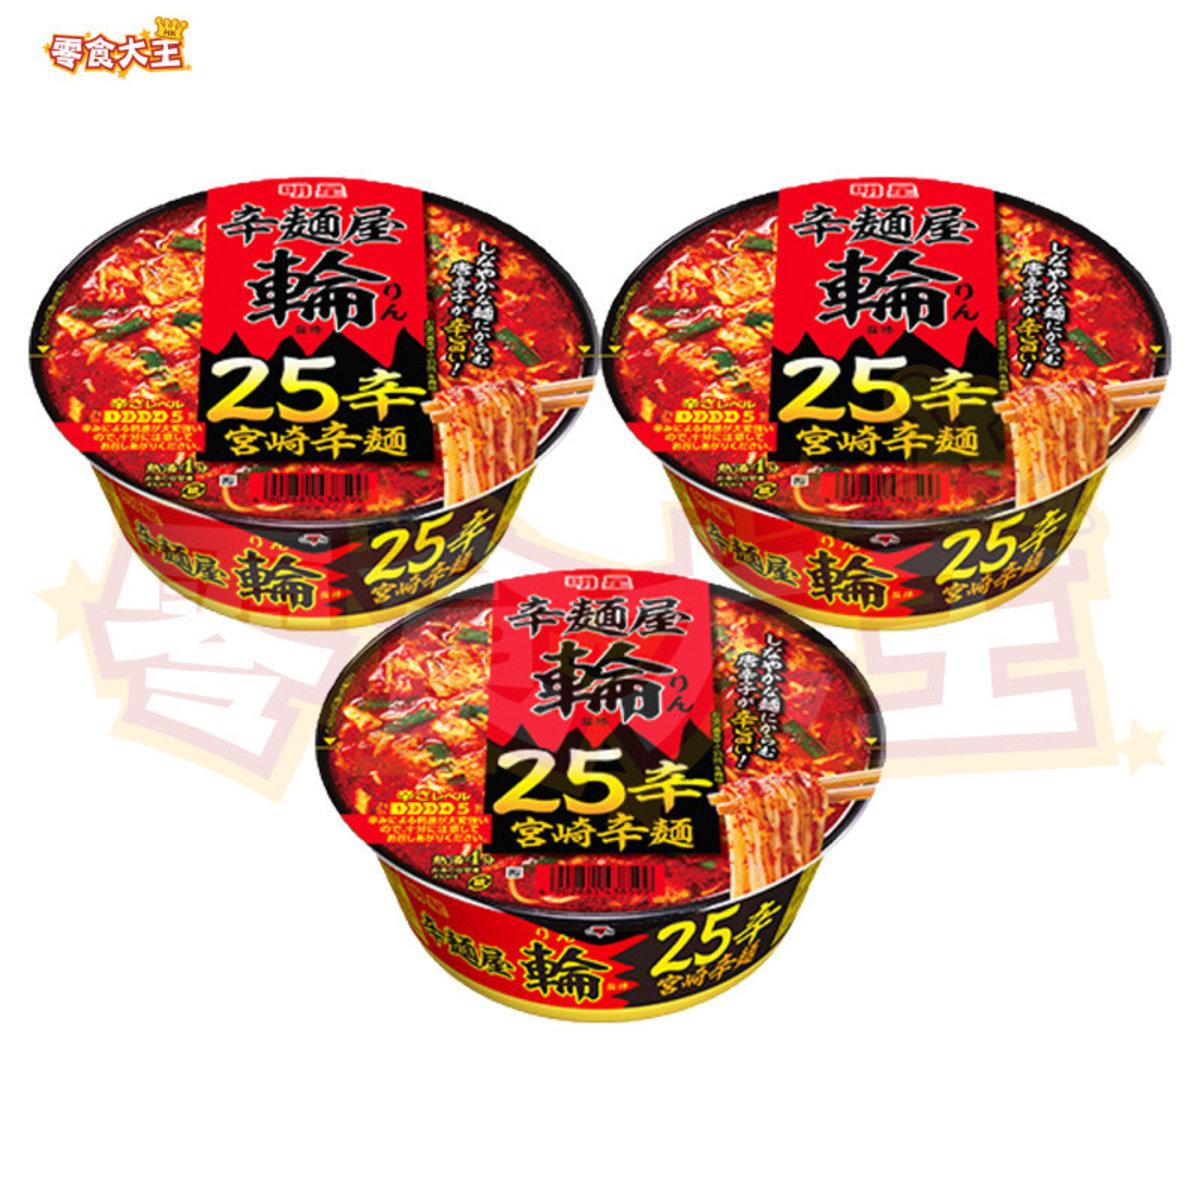 宮崎辛麵屋 輪 25倍麻辣拉麵 107g x 3盒 (4902881438599_3)